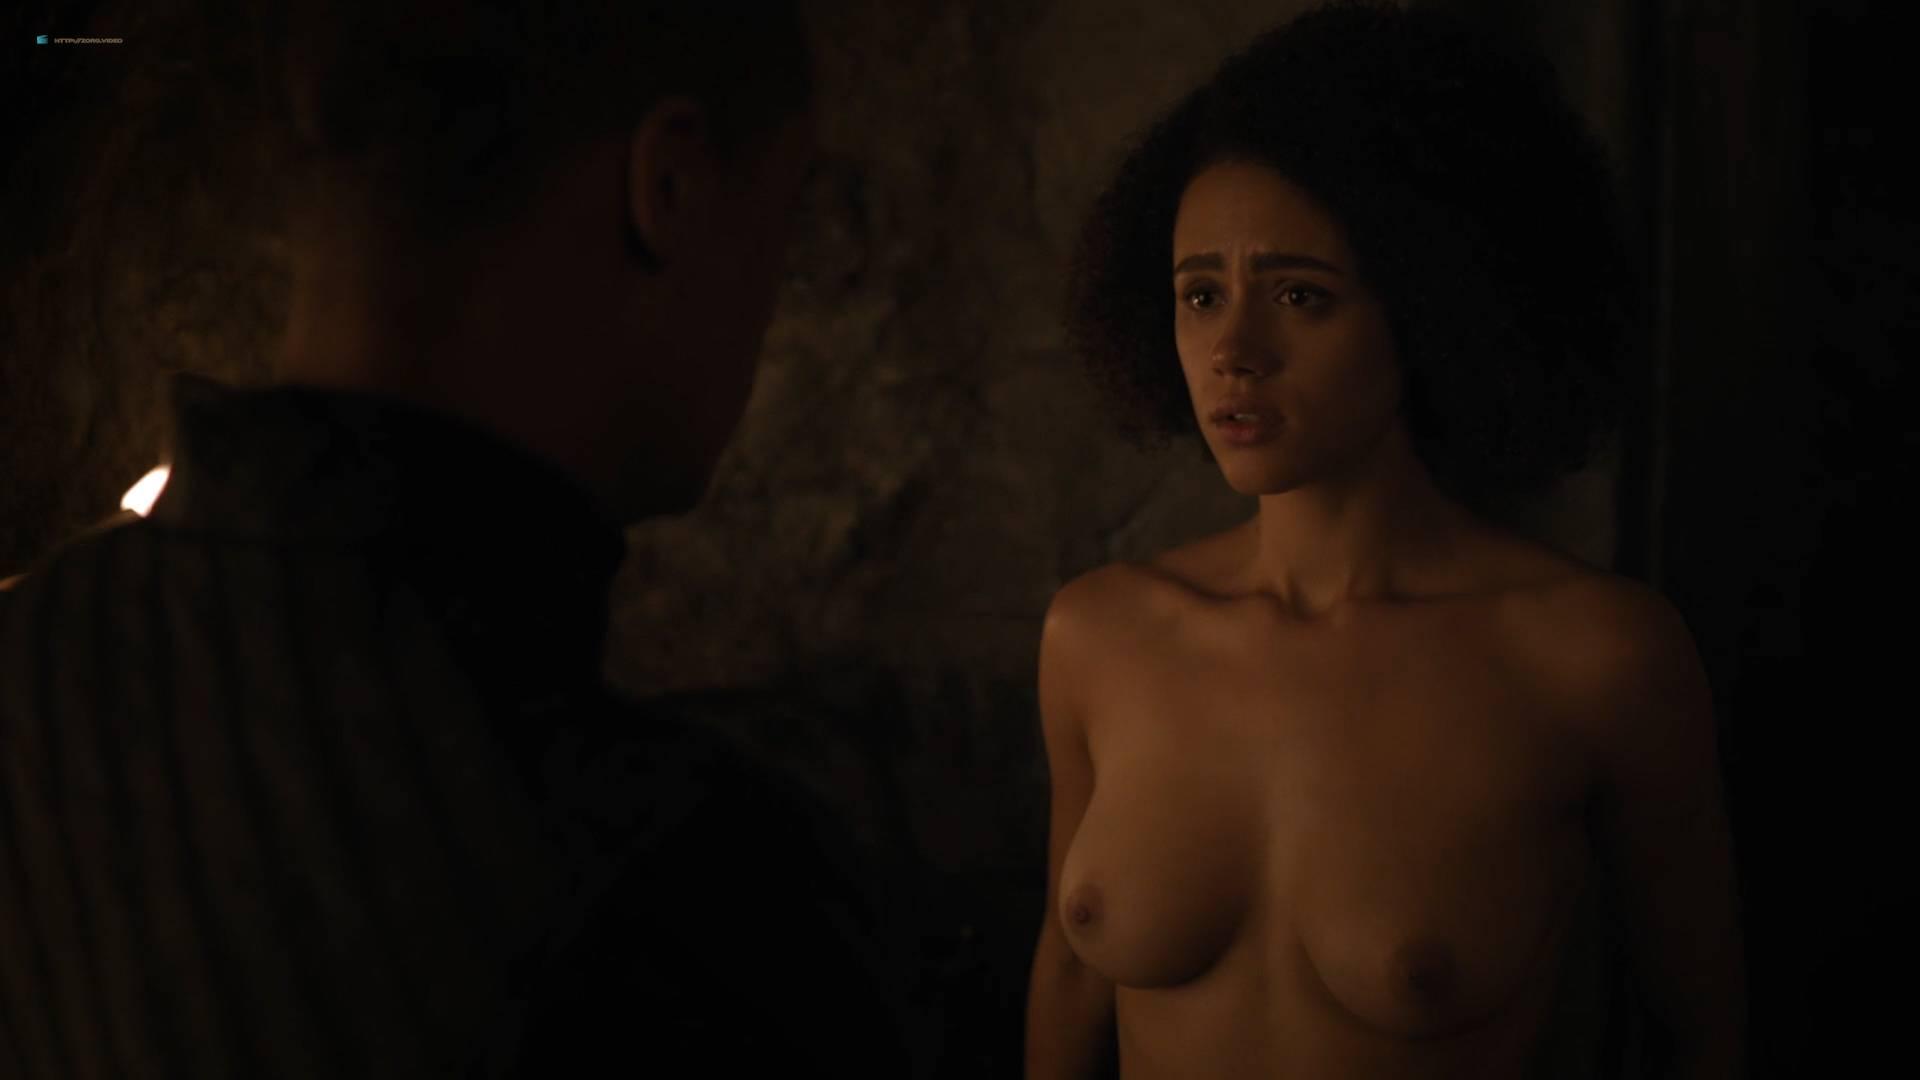 Nathalie-Emmanuel-nude-topless-and-butt-GoT-2017-s7e2-HD-1080p-Web-02.jpg